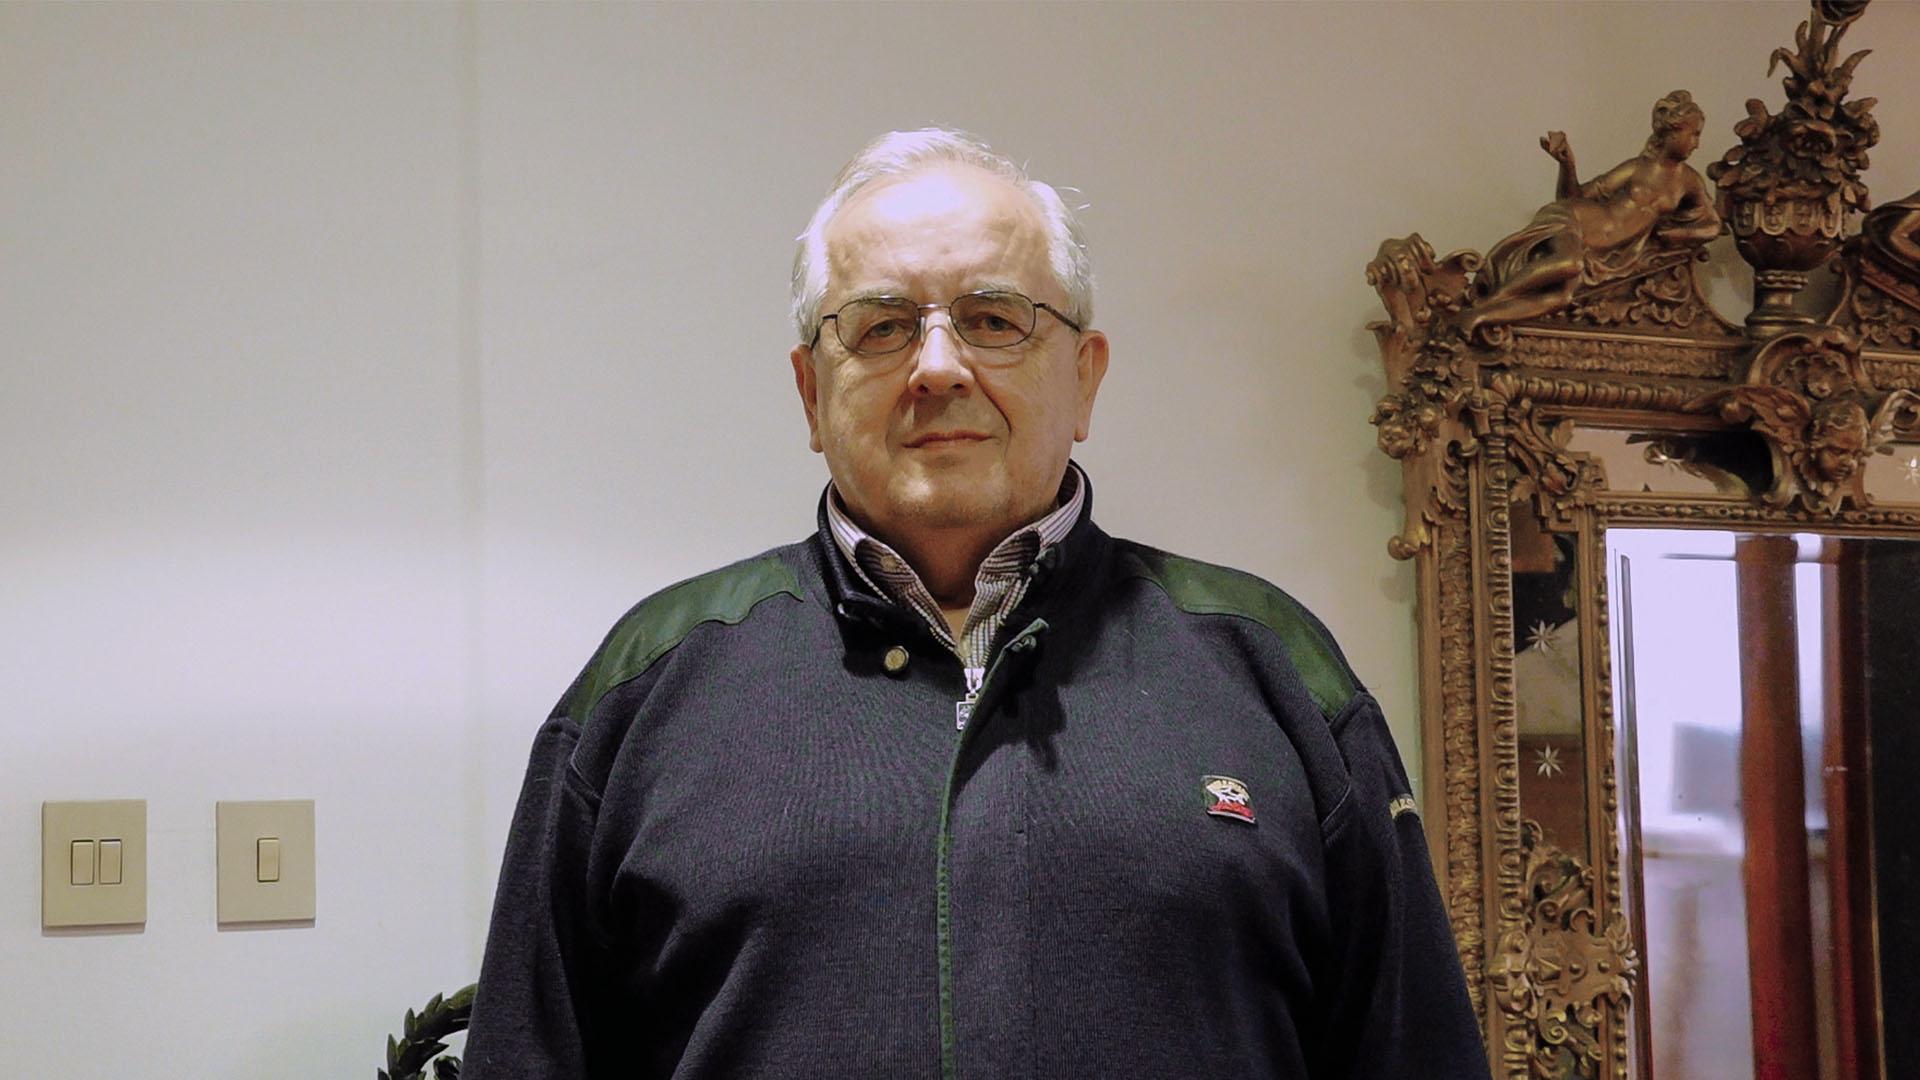 Prof. dr. sc. Goran Sučić promovirao znanstvenu monografiju